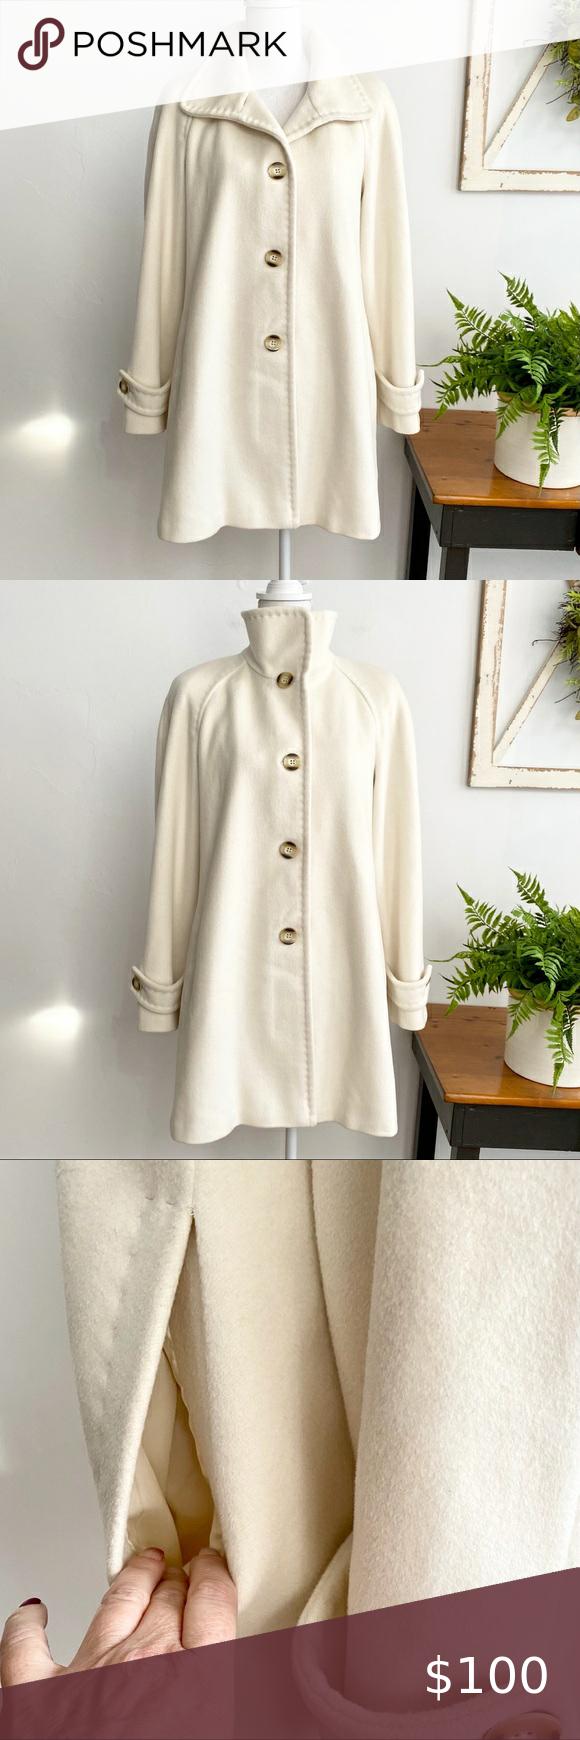 Ellen Tracy Ivory Wool Winter Dress Coat Sz 10 Winter Coat Dress Winter Dresses Leather Trim Cardigan [ 1740 x 580 Pixel ]